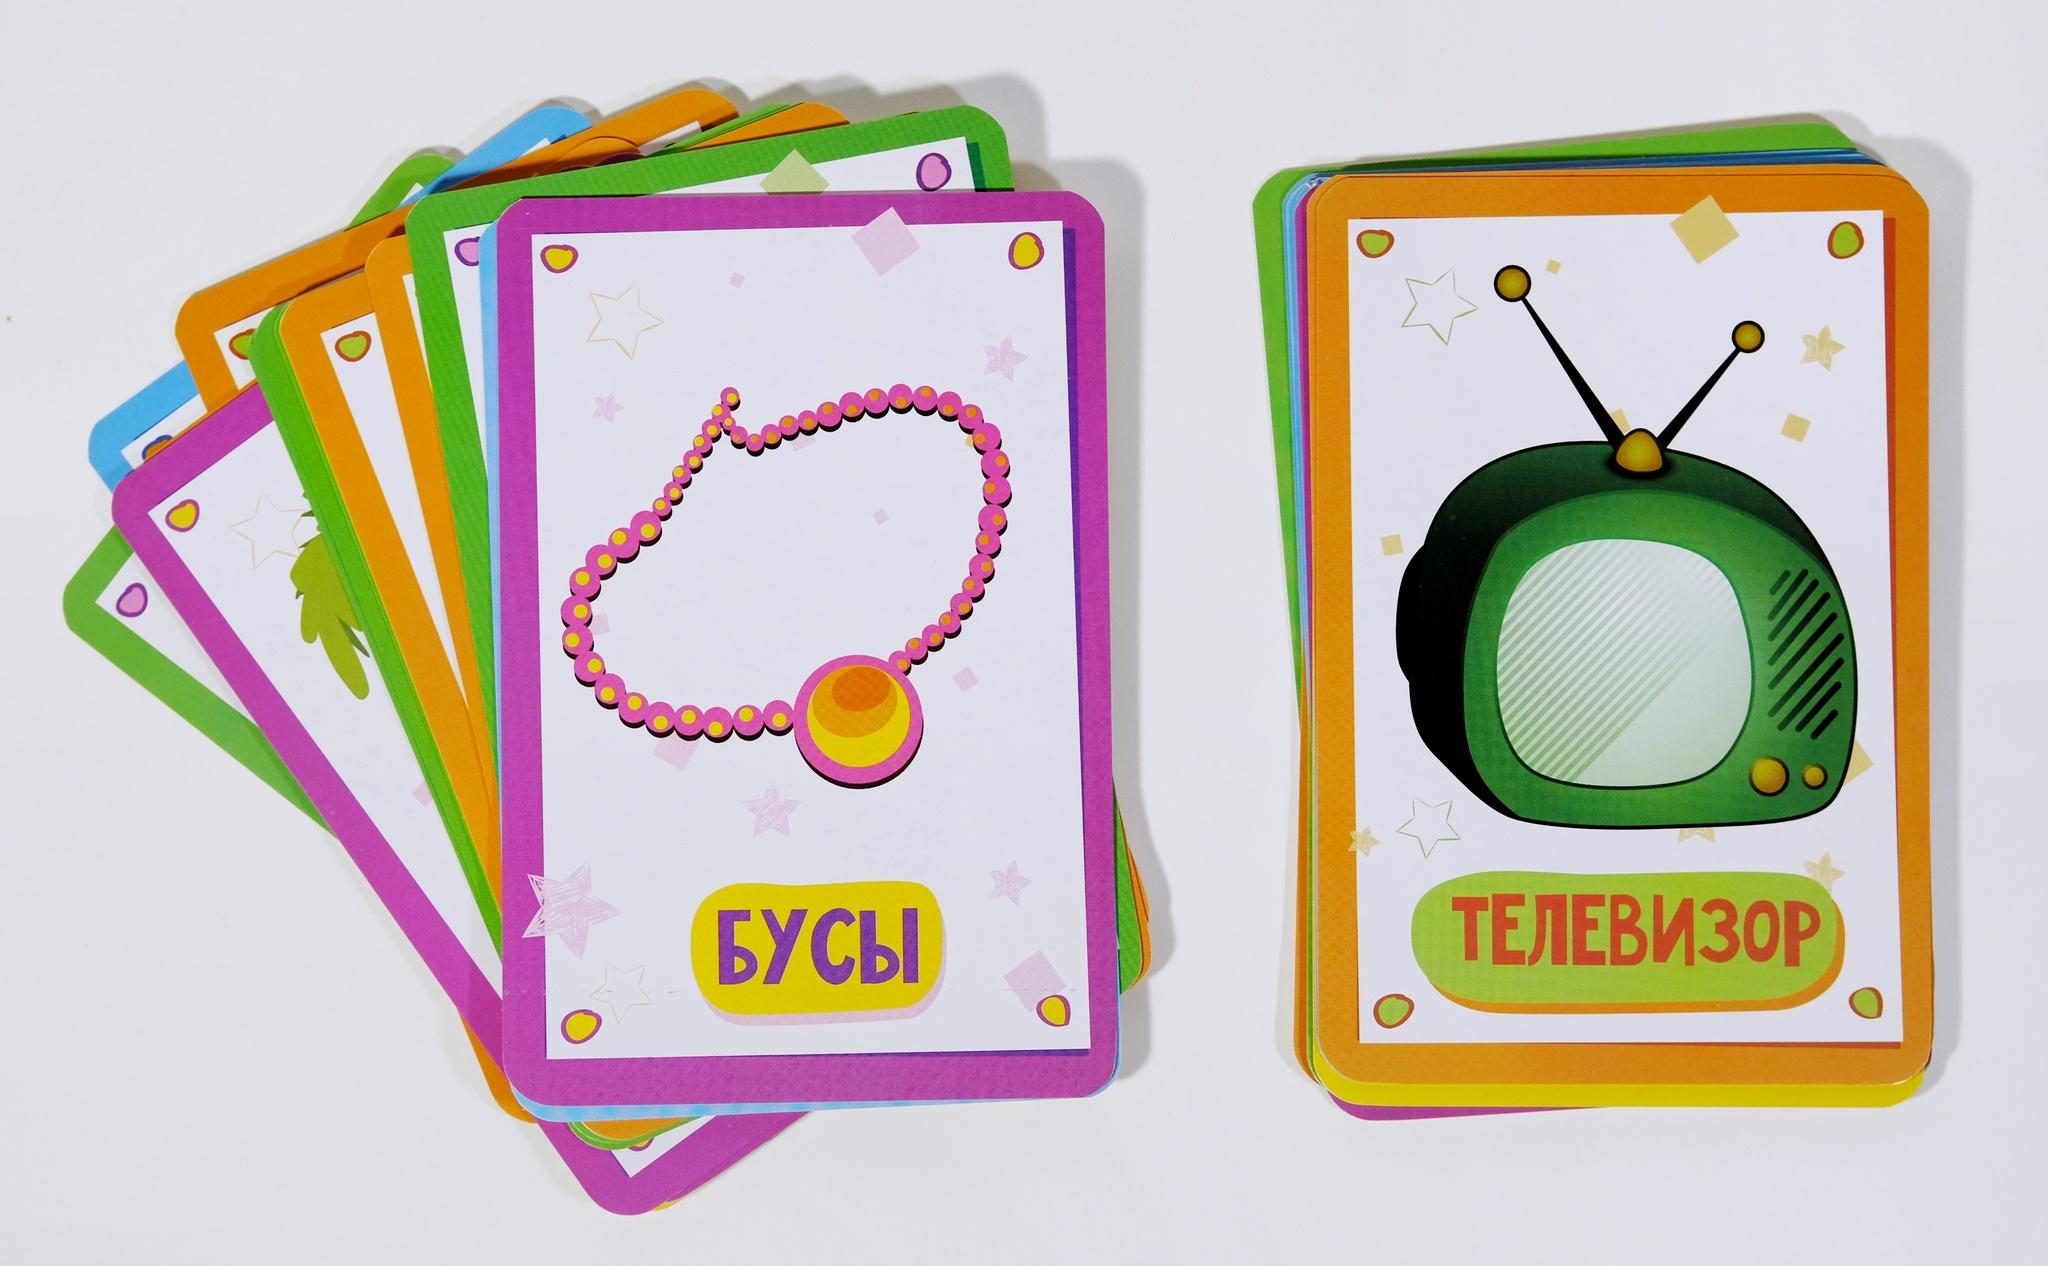 Детский набор для путешествий 3-5 лет